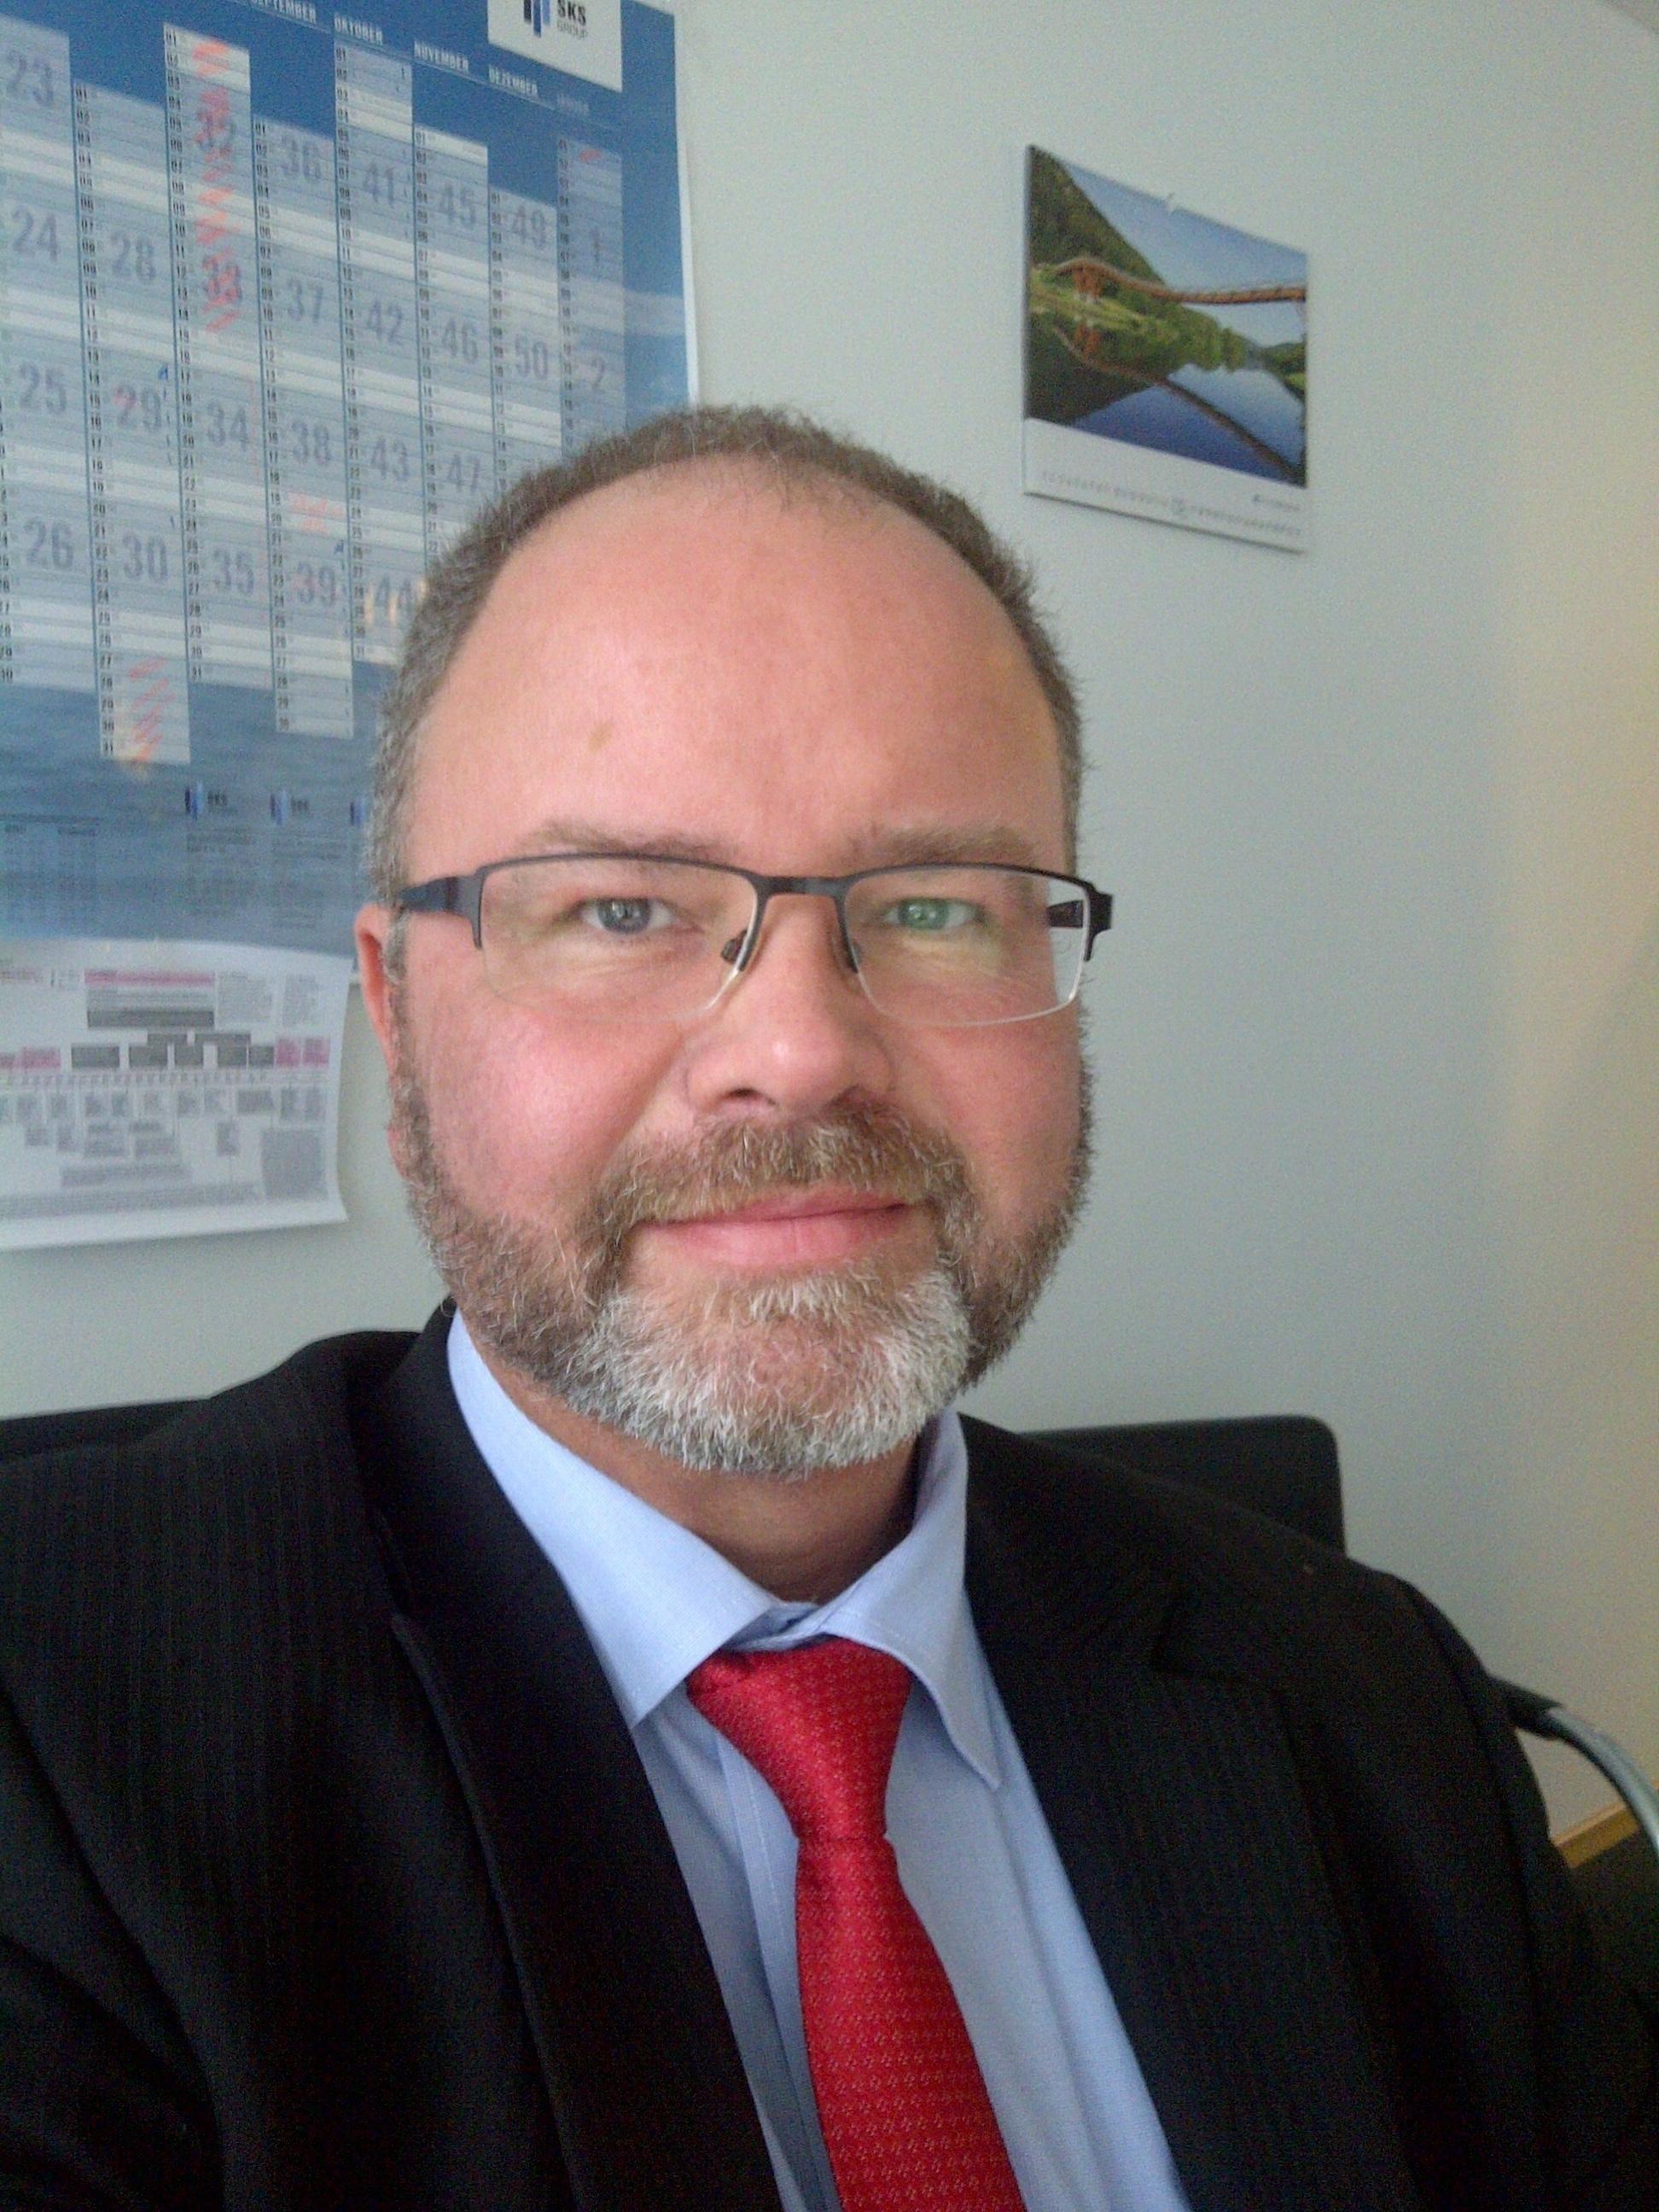 Carsten Arnold